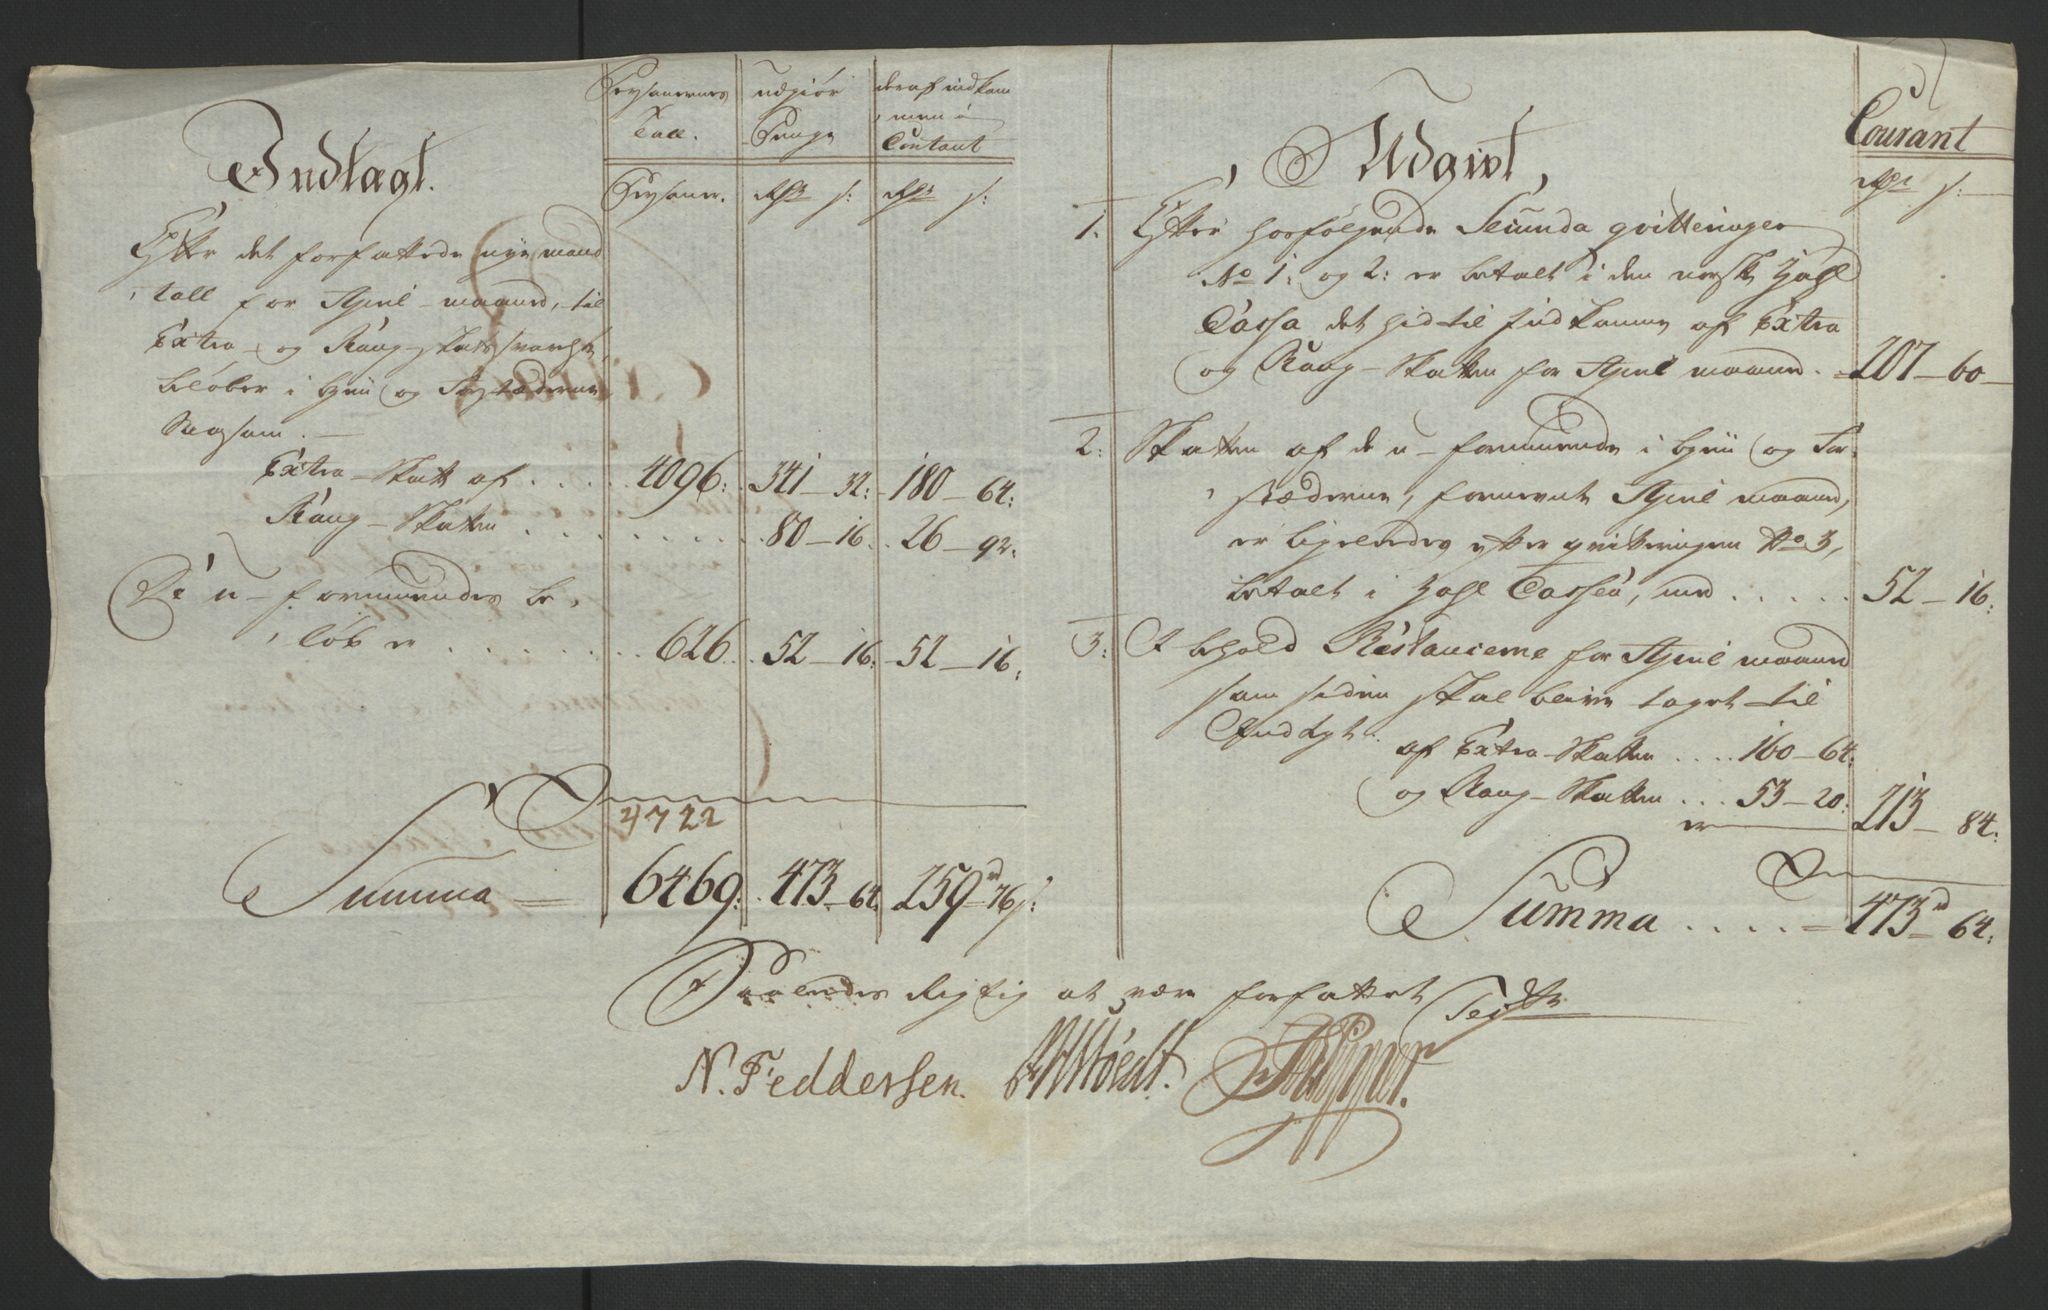 RA, Rentekammeret inntil 1814, Reviderte regnskaper, Byregnskaper, R/Re/L0072: [E13] Kontribusjonsregnskap, 1763-1764, s. 361